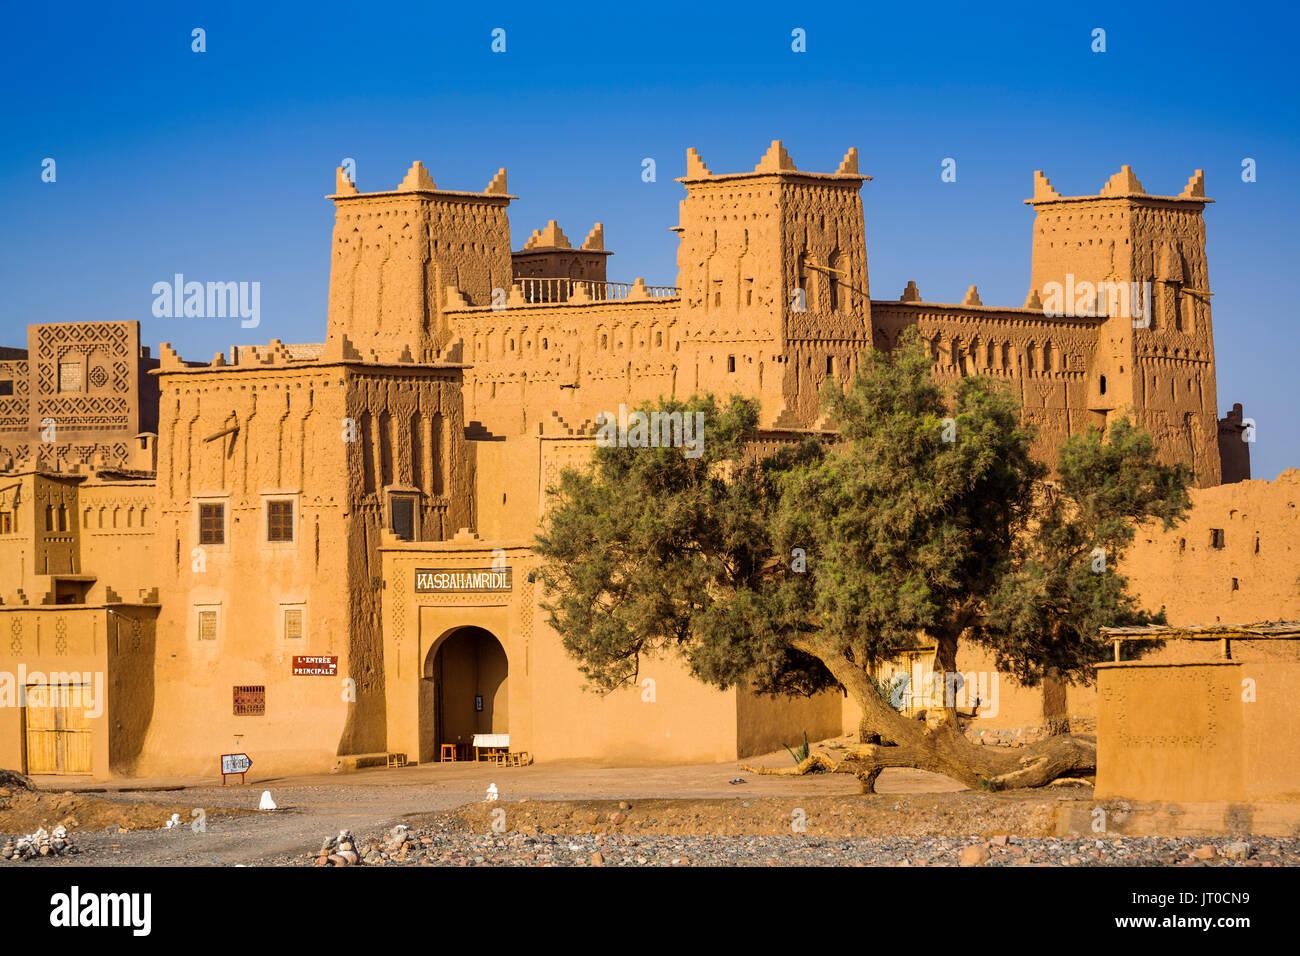 Hôtel Kasbah Amridil, vallée du Dadès, Skoura. Le Maroc, Maghreb, Afrique du Nord Banque D'Images